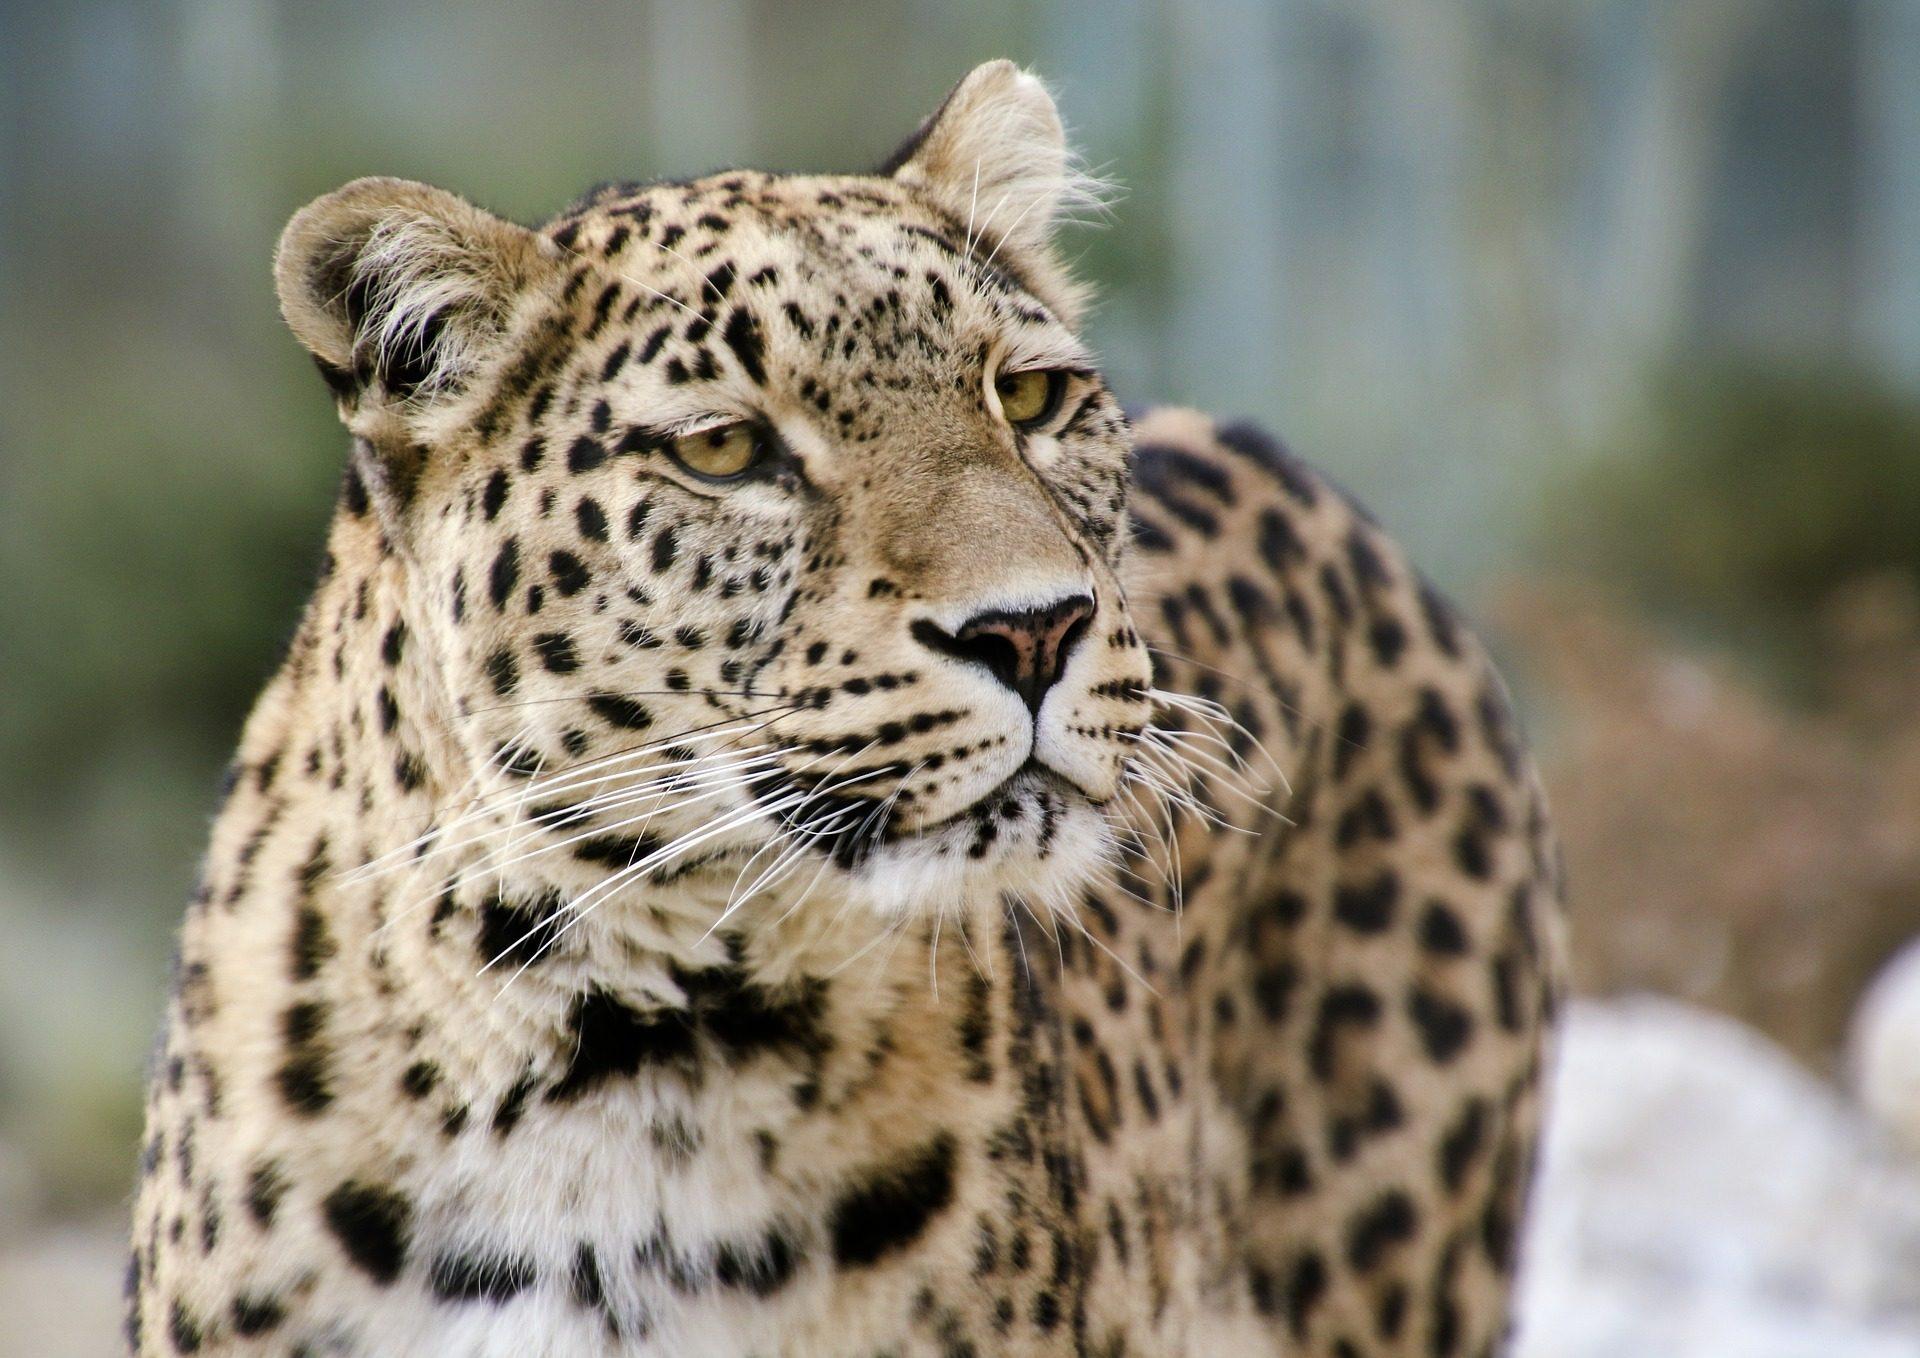 豹, 猫科动物, 捕食者, 毛皮, 斑驳, 晶须 - 高清壁纸 - 教授-falken.com